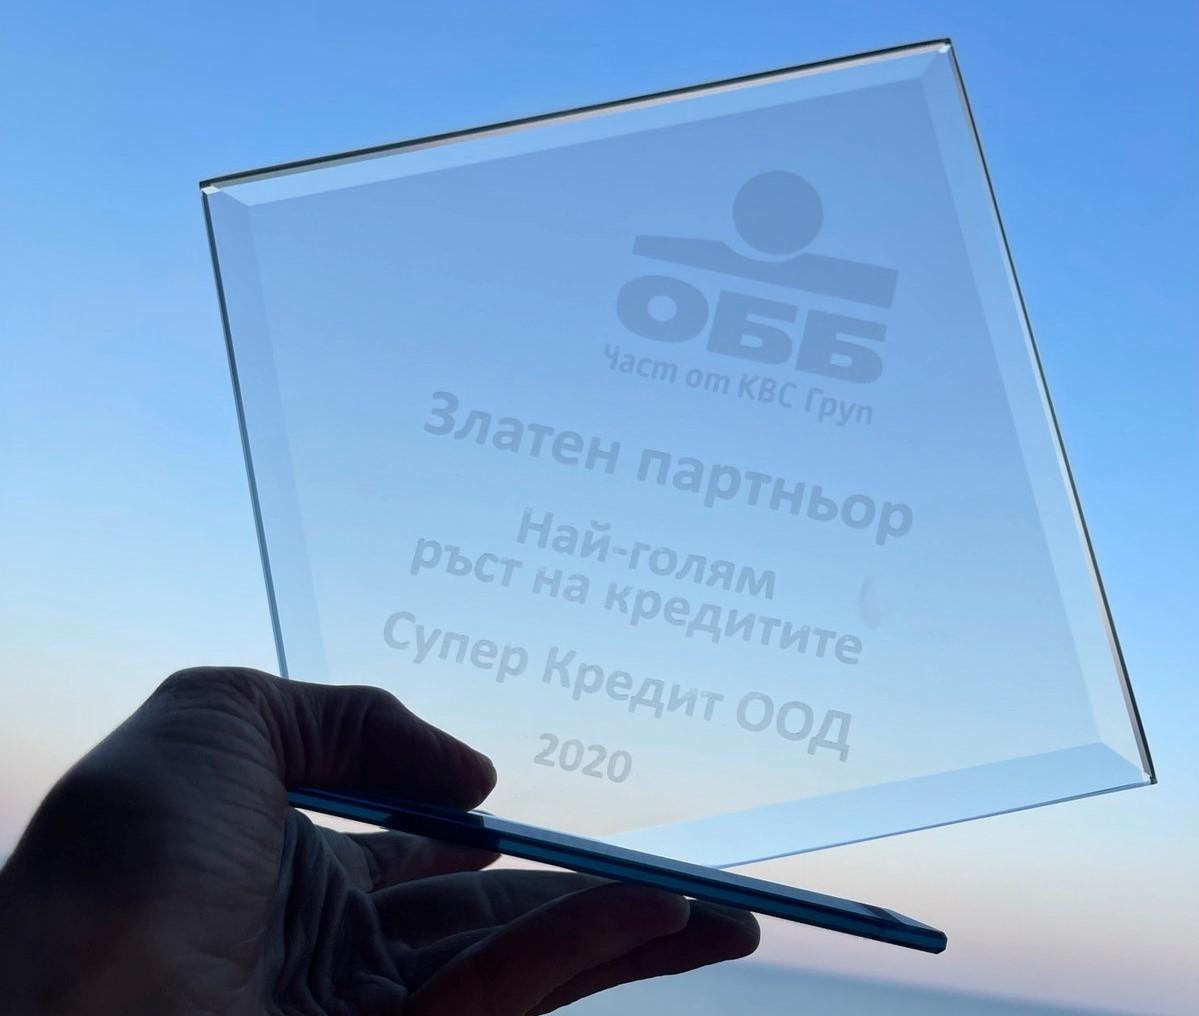 Super Credit спечели отличието Златен партньор на ОББ1 - Stonehard